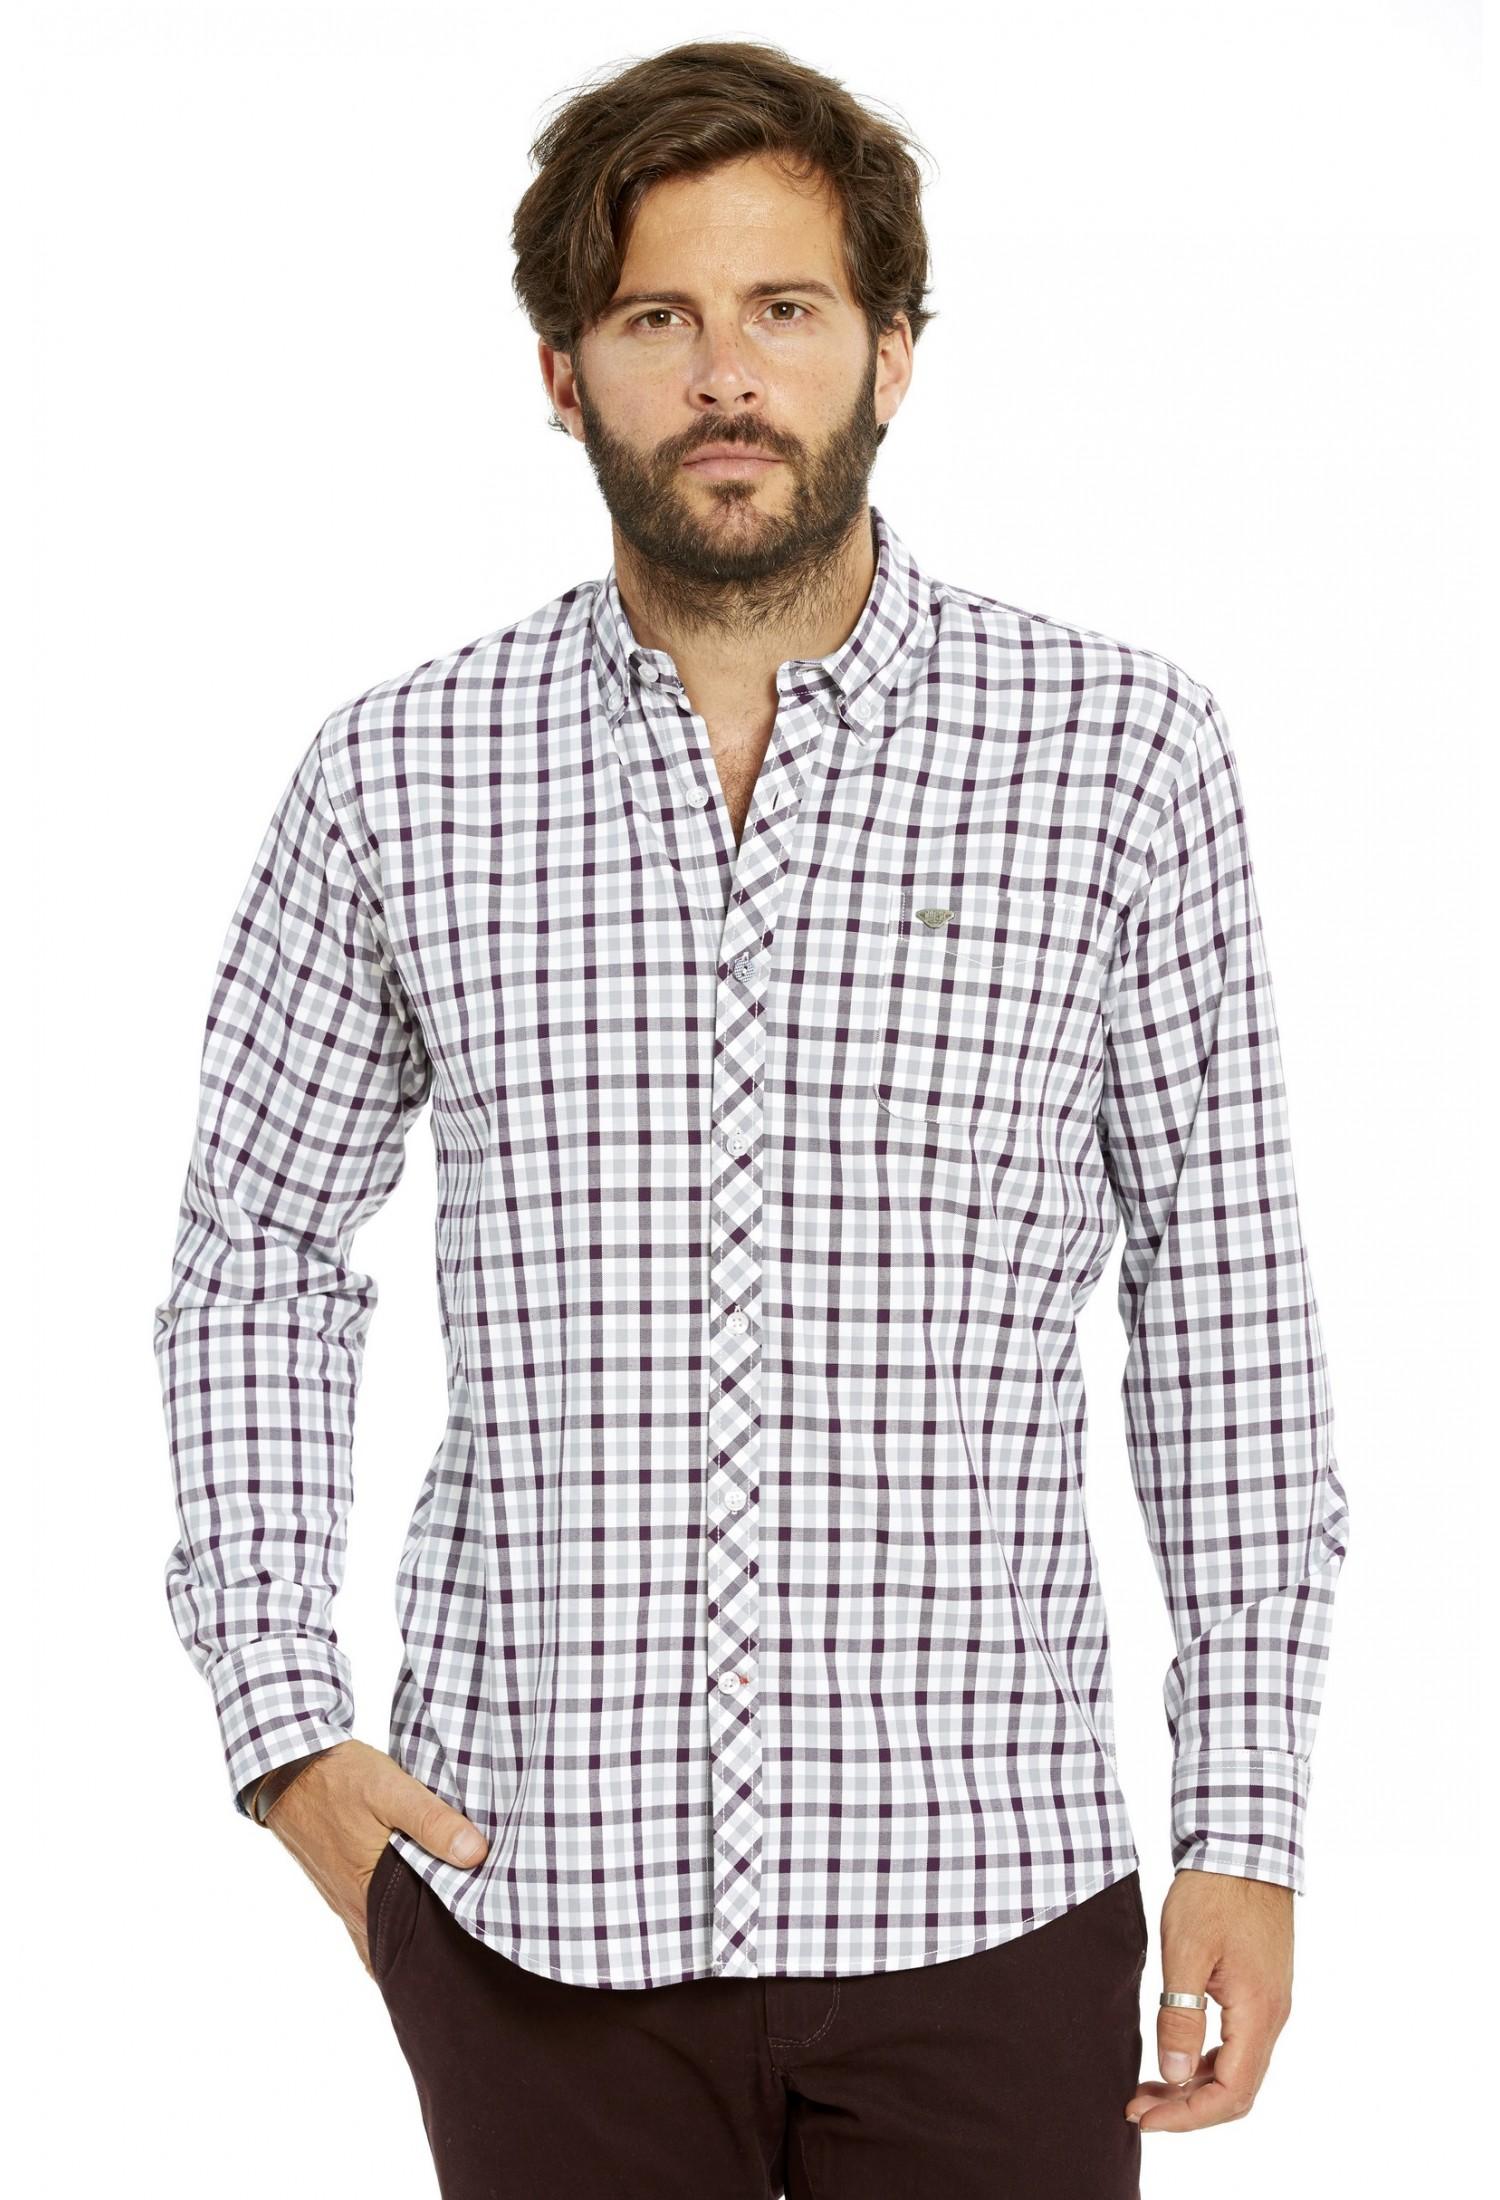 chemise a fleur homme j 39 en ai plusieurs dans mon dressing. Black Bedroom Furniture Sets. Home Design Ideas